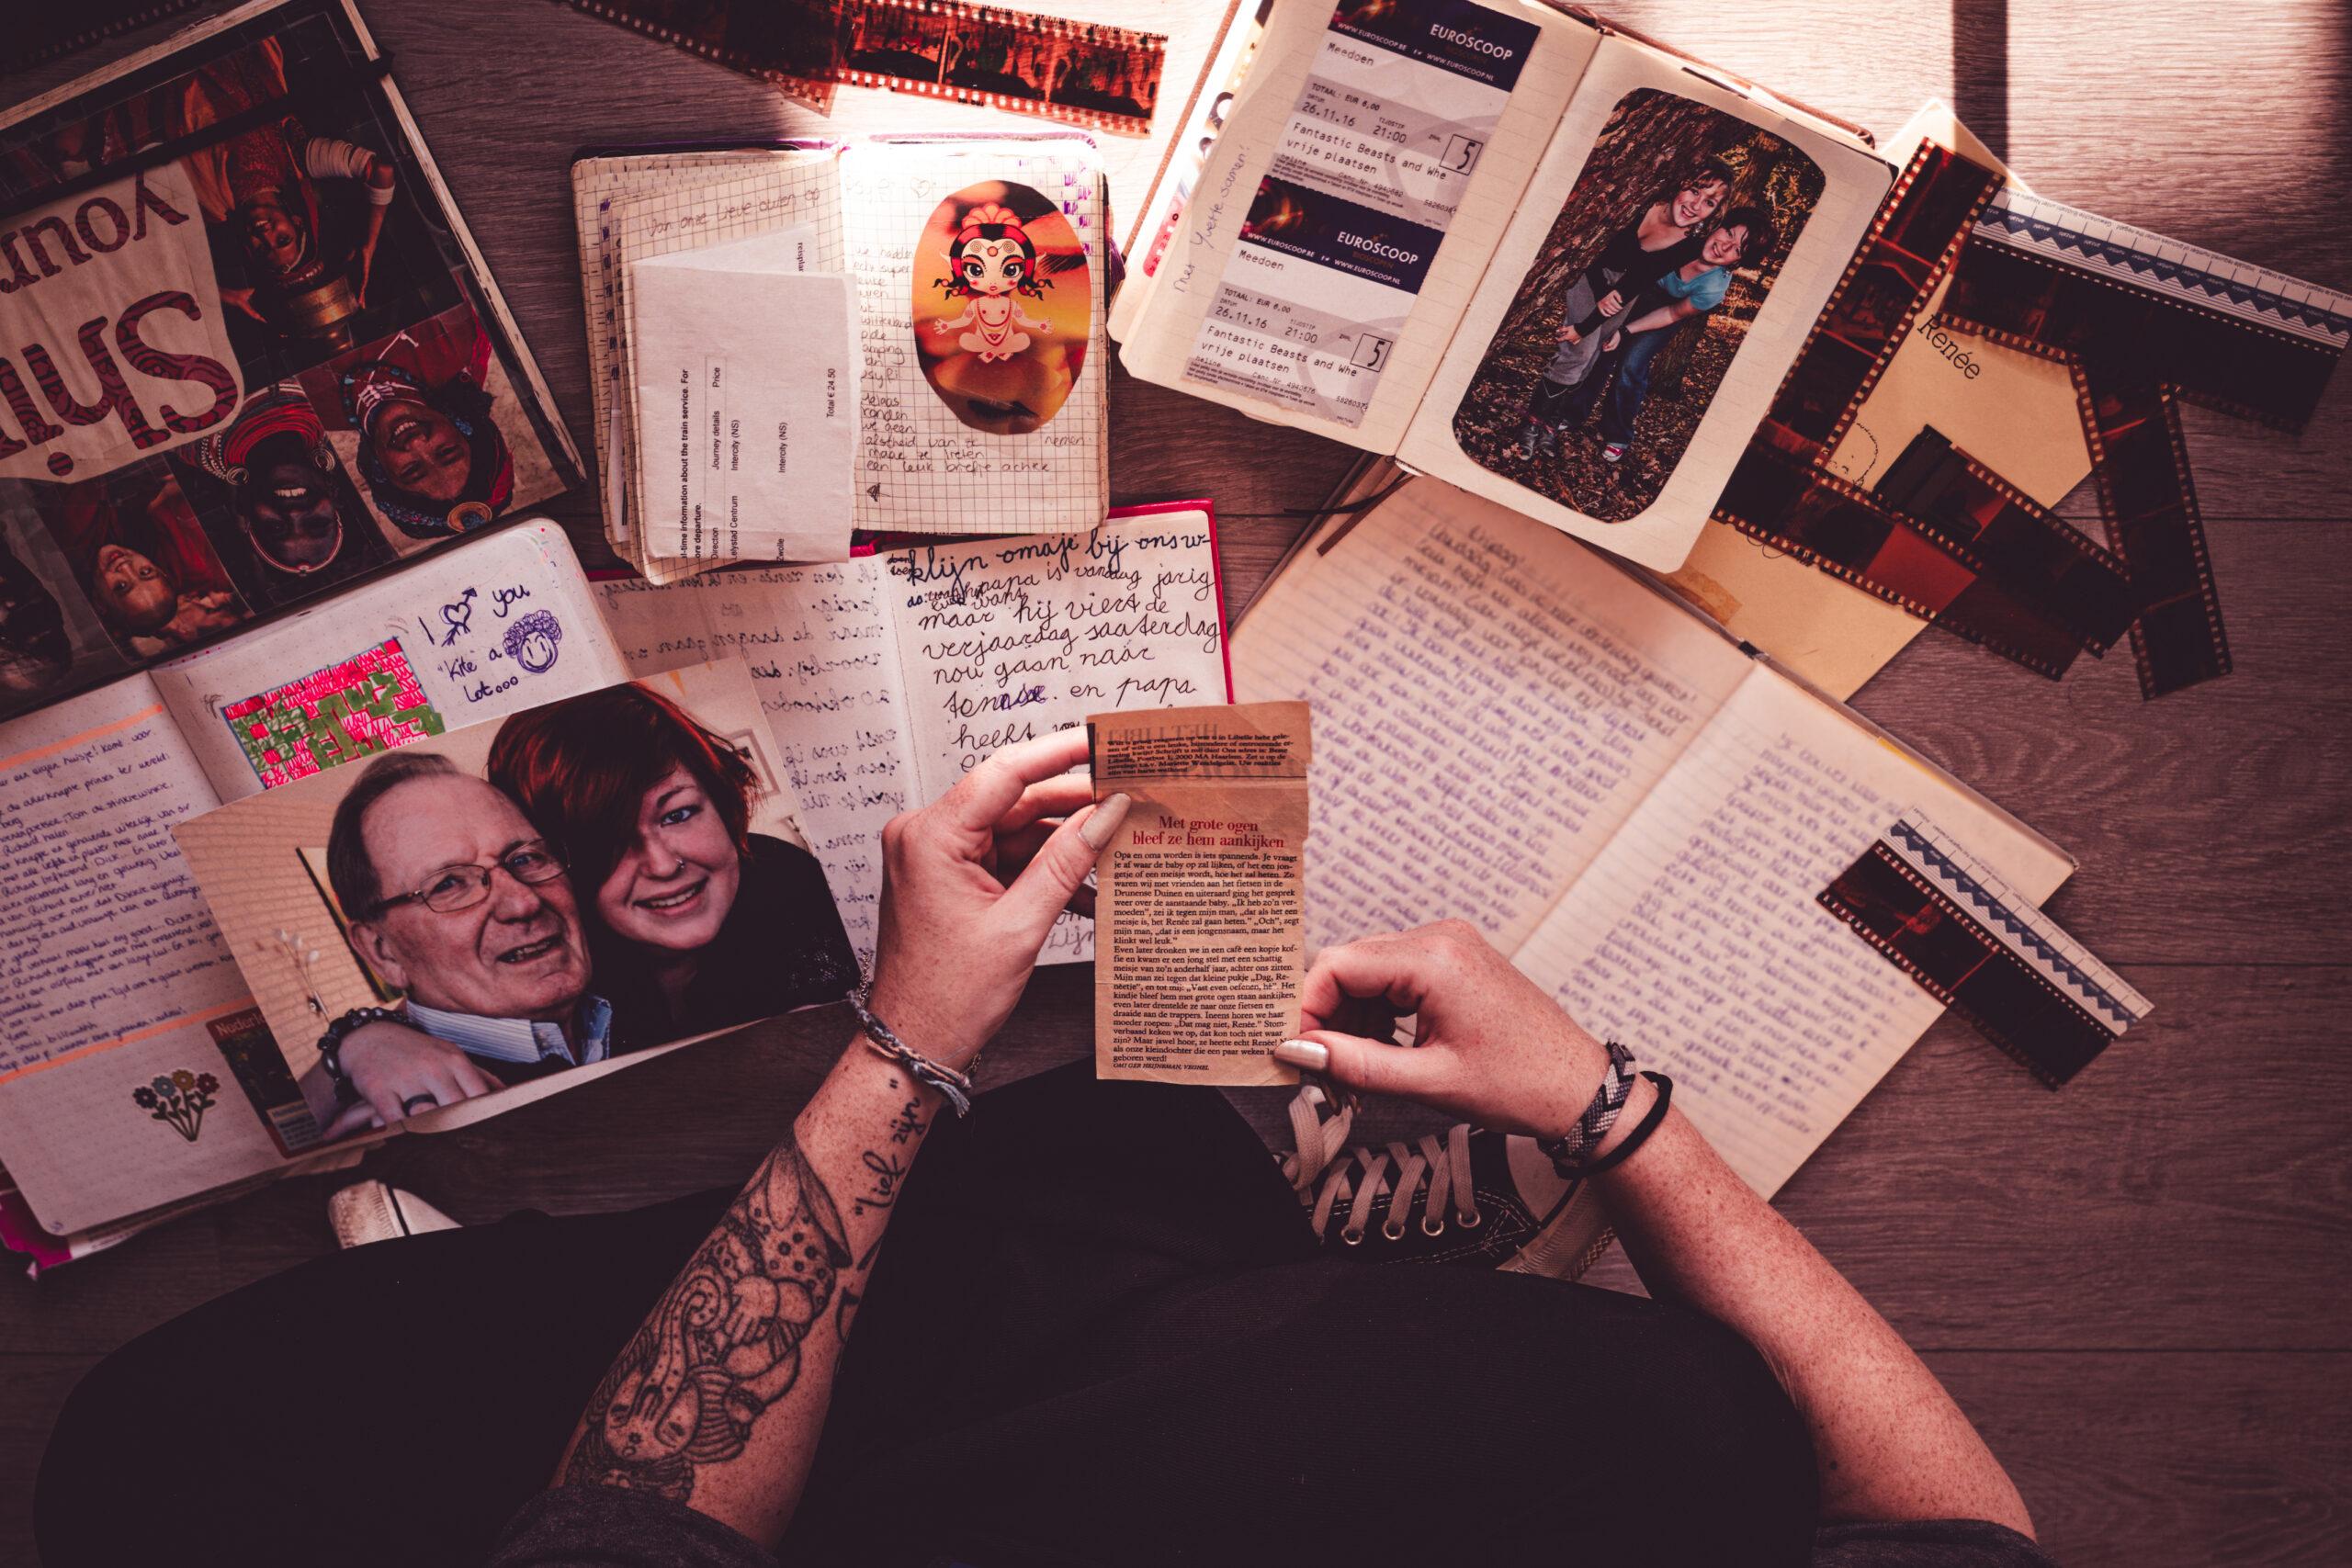 mijn nostalgie met dagboeken en foto's in Tilburg